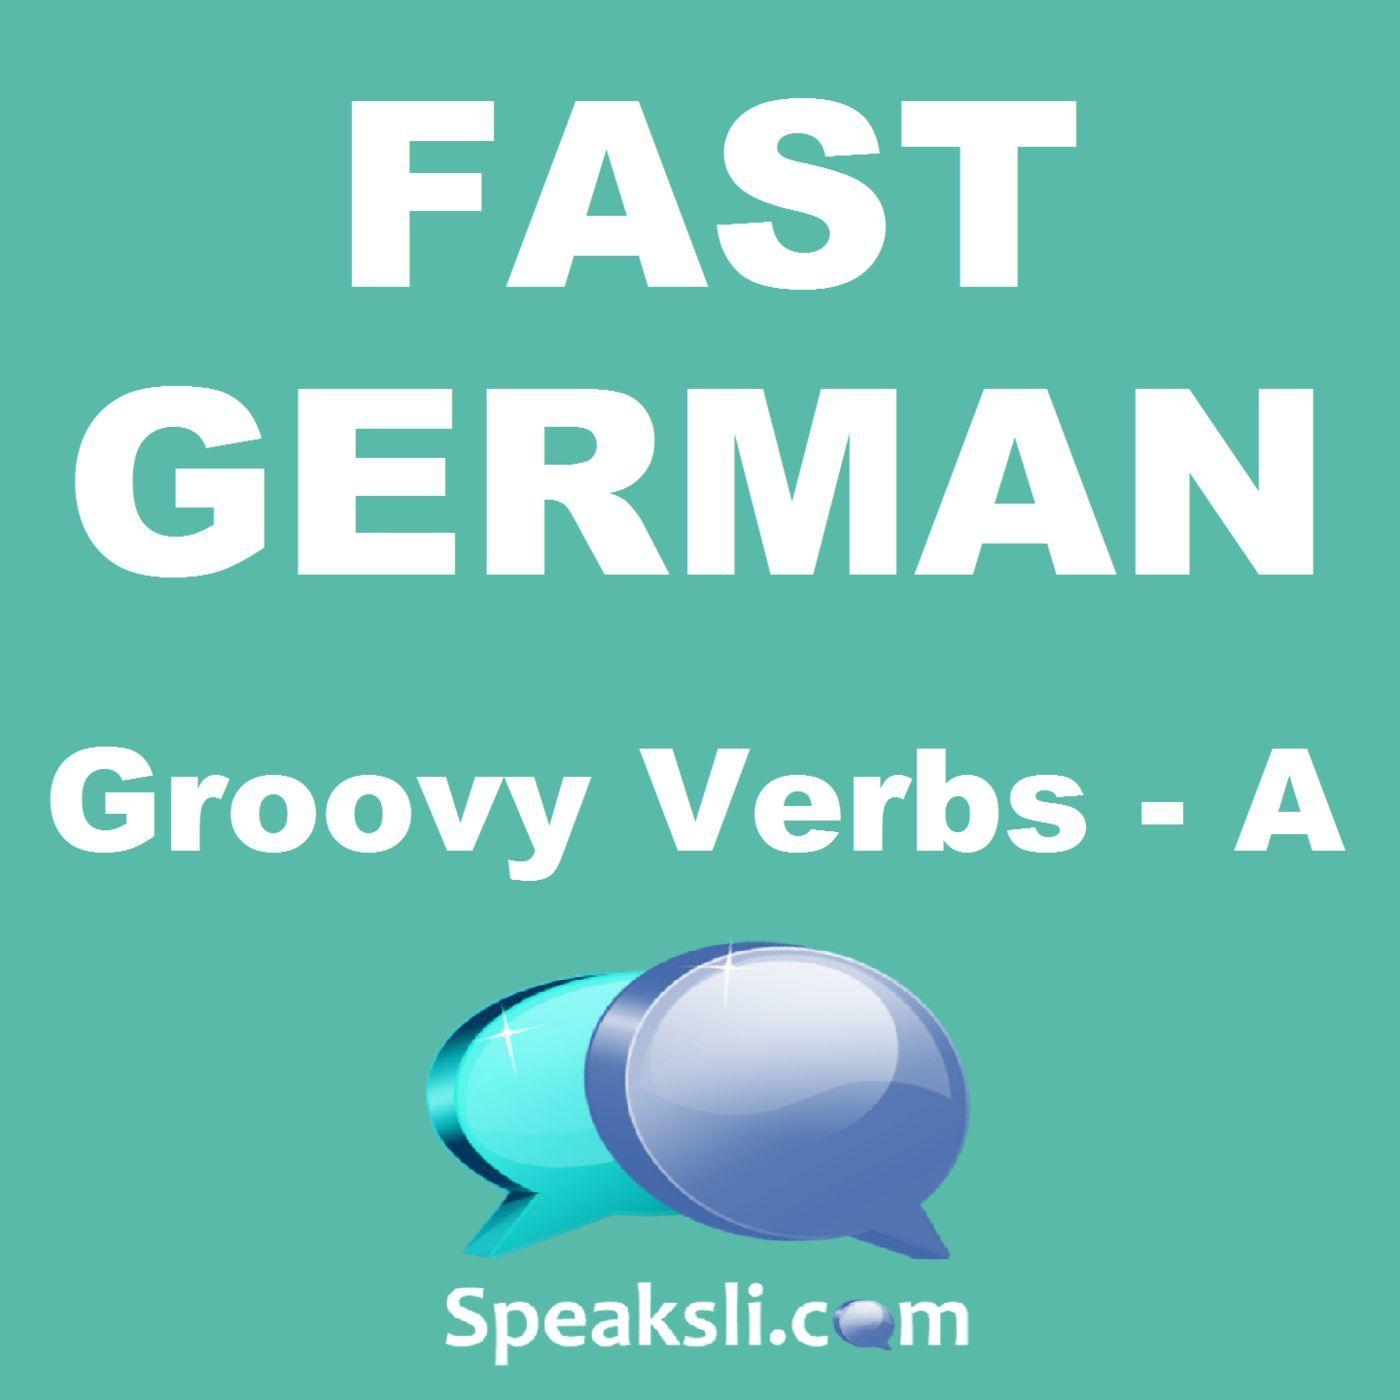 Ep. 29: Groovy German Verbs - A | Fast German | Speaksli